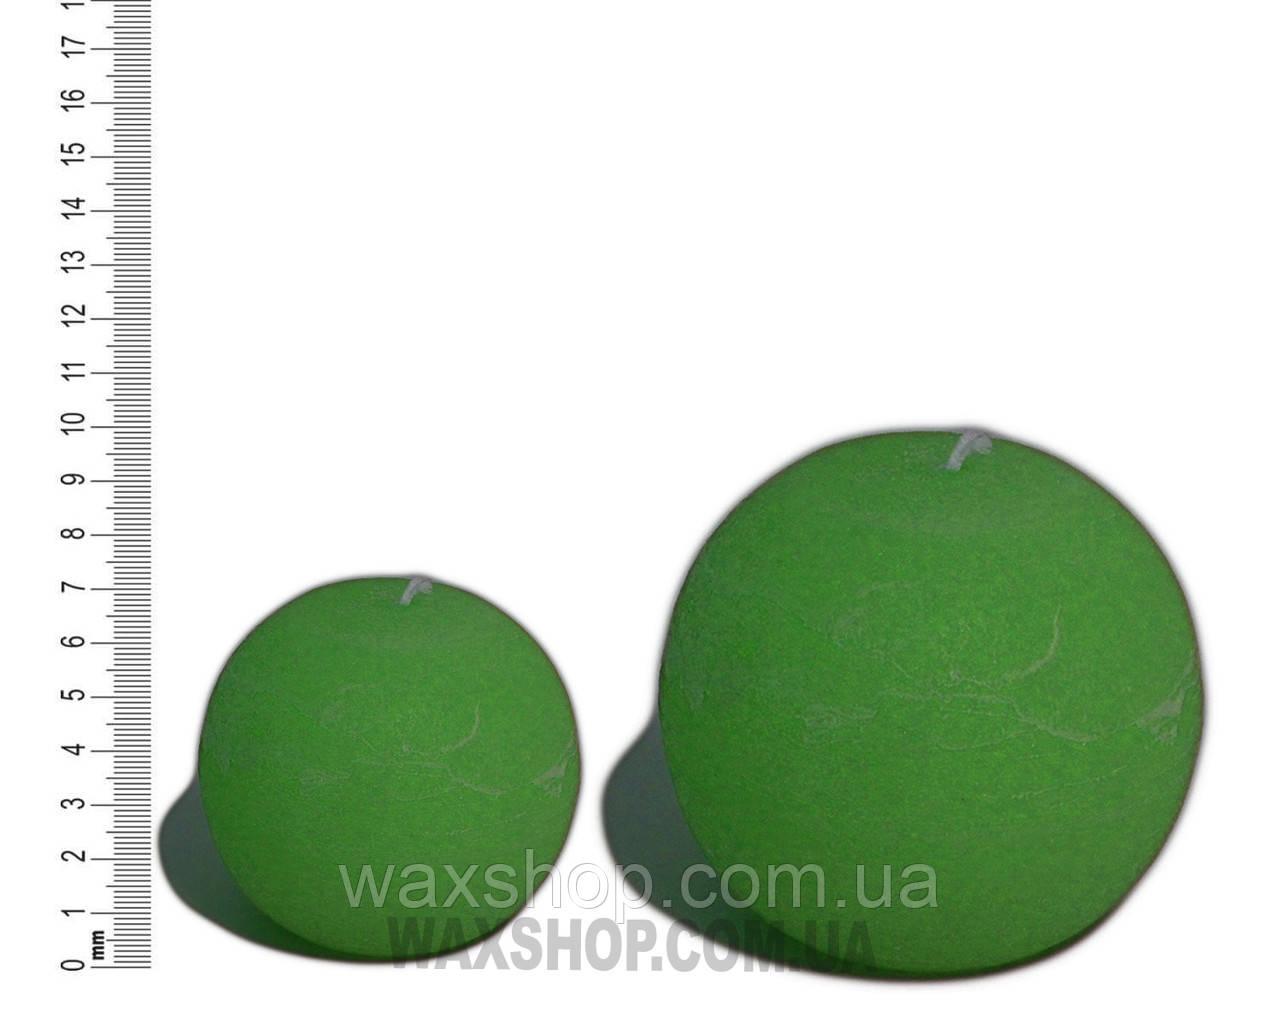 Свеча шар 7 см Изумрудно-зеленый